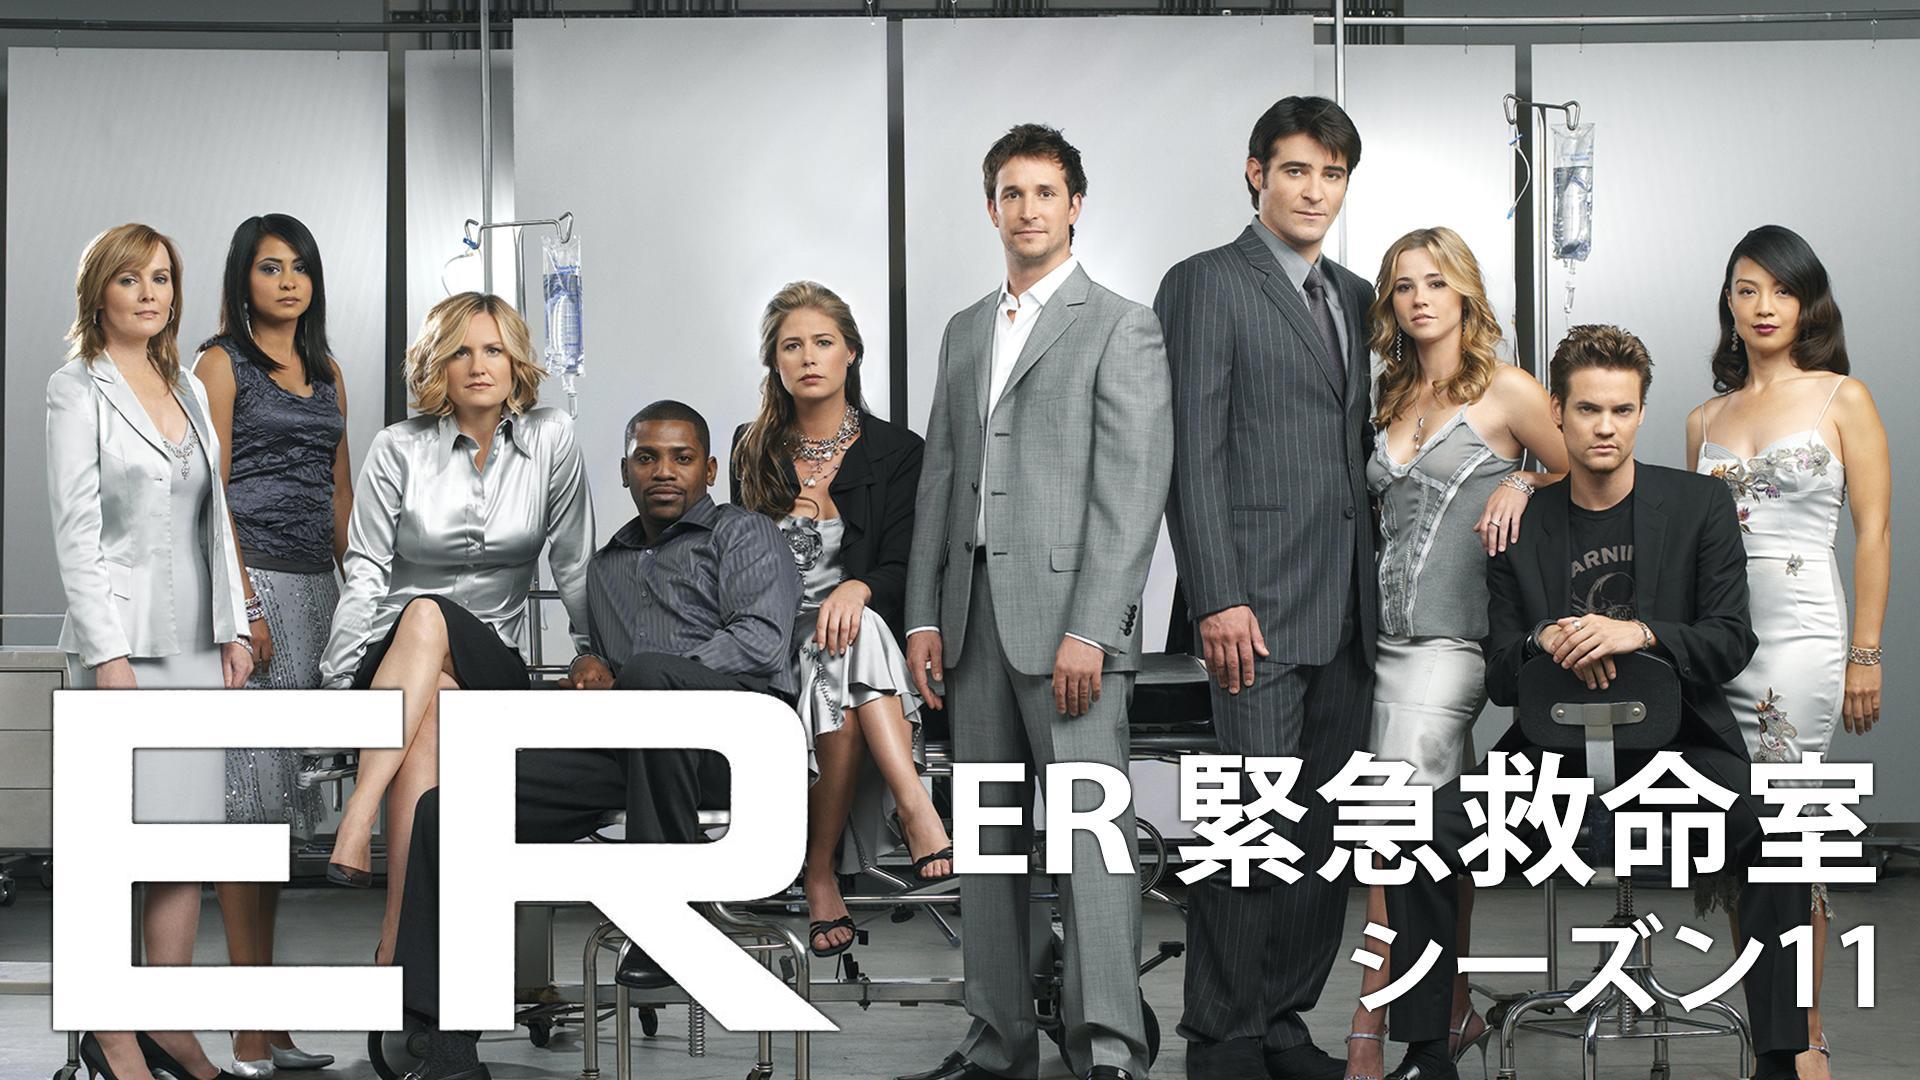 ER 緊急救命室 シーズン11